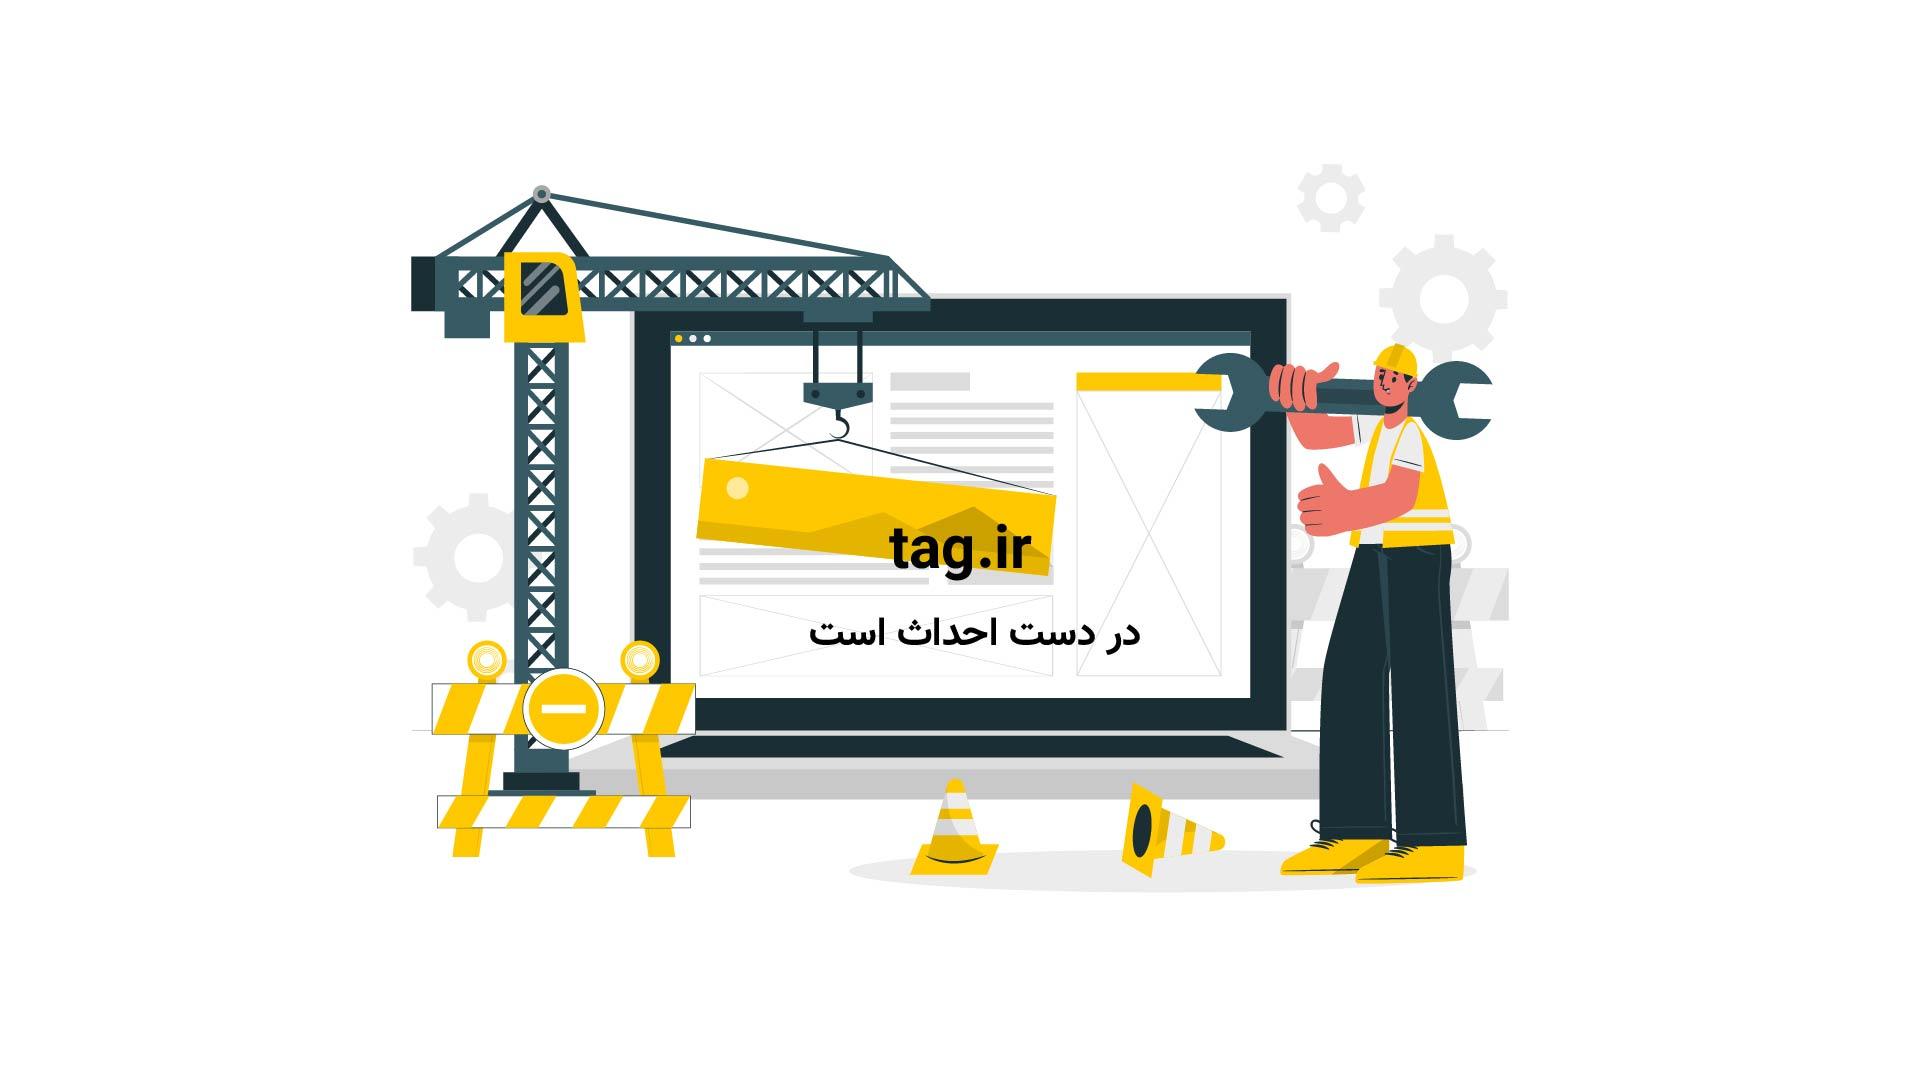 صحبت های پانته آ بهرام با محمد حسن دژاهنگپیش از اجرای استندآپ کمدی | فیلم